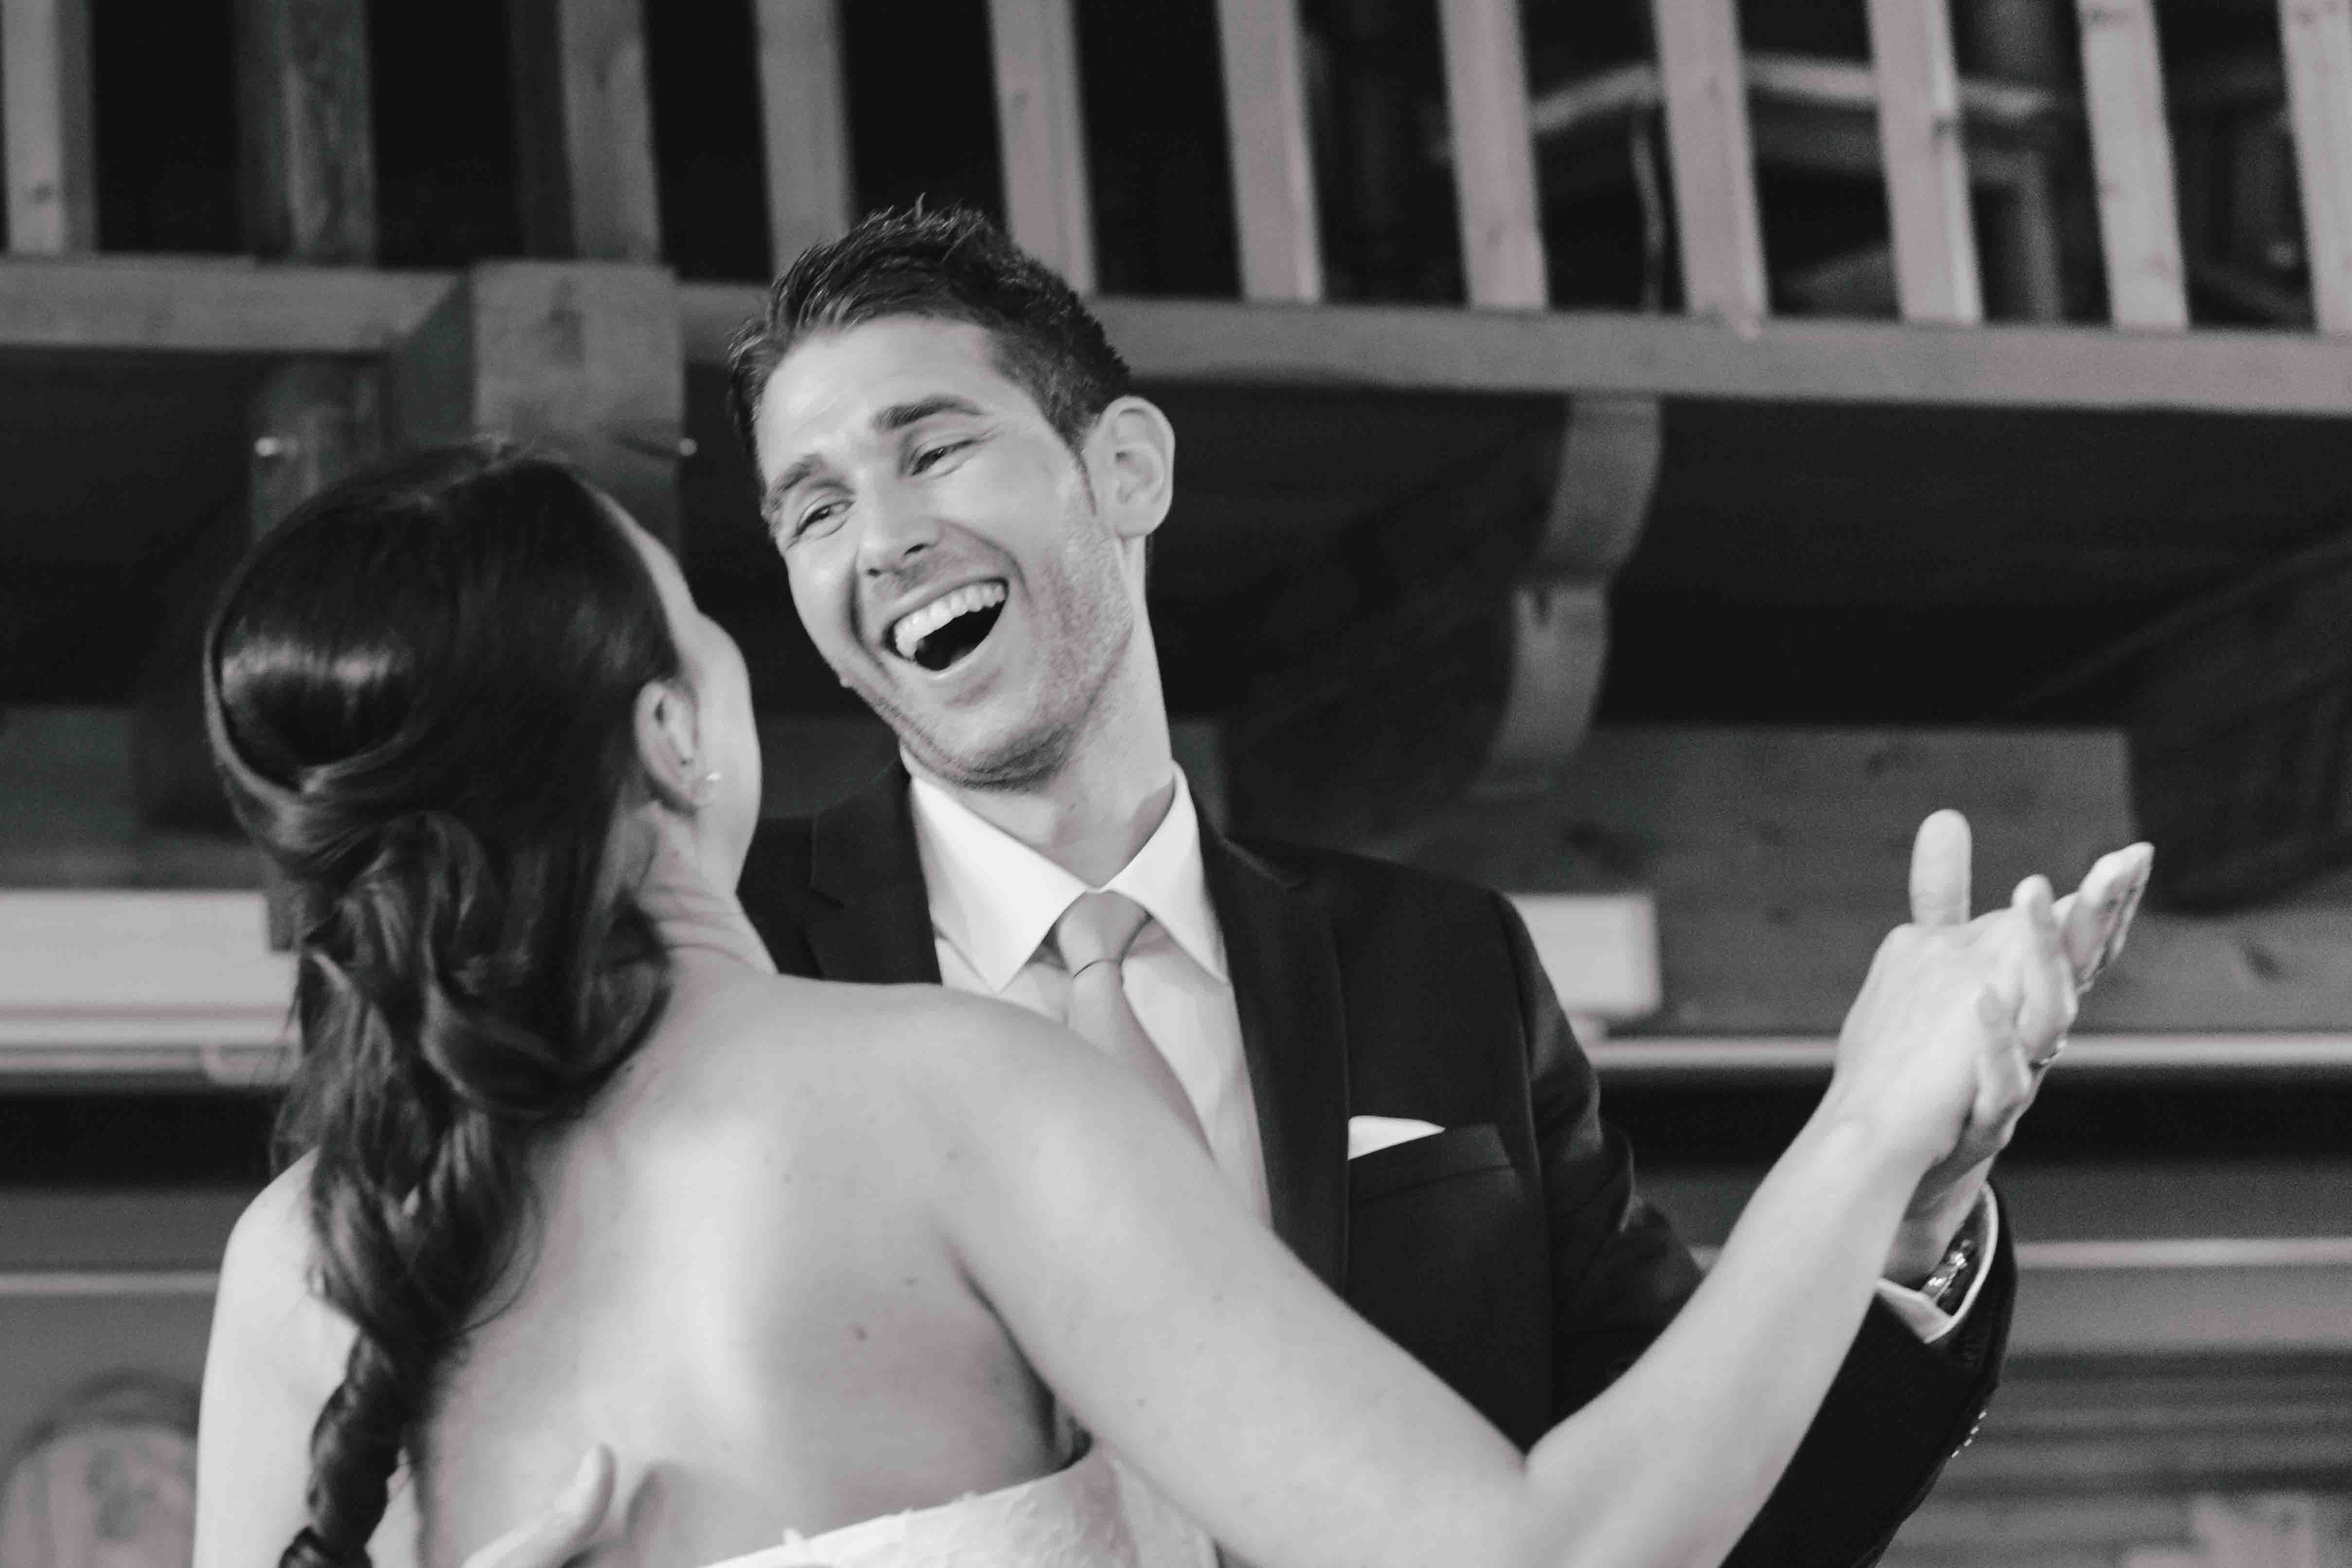 Erster Tanz Hochzeitsbilder